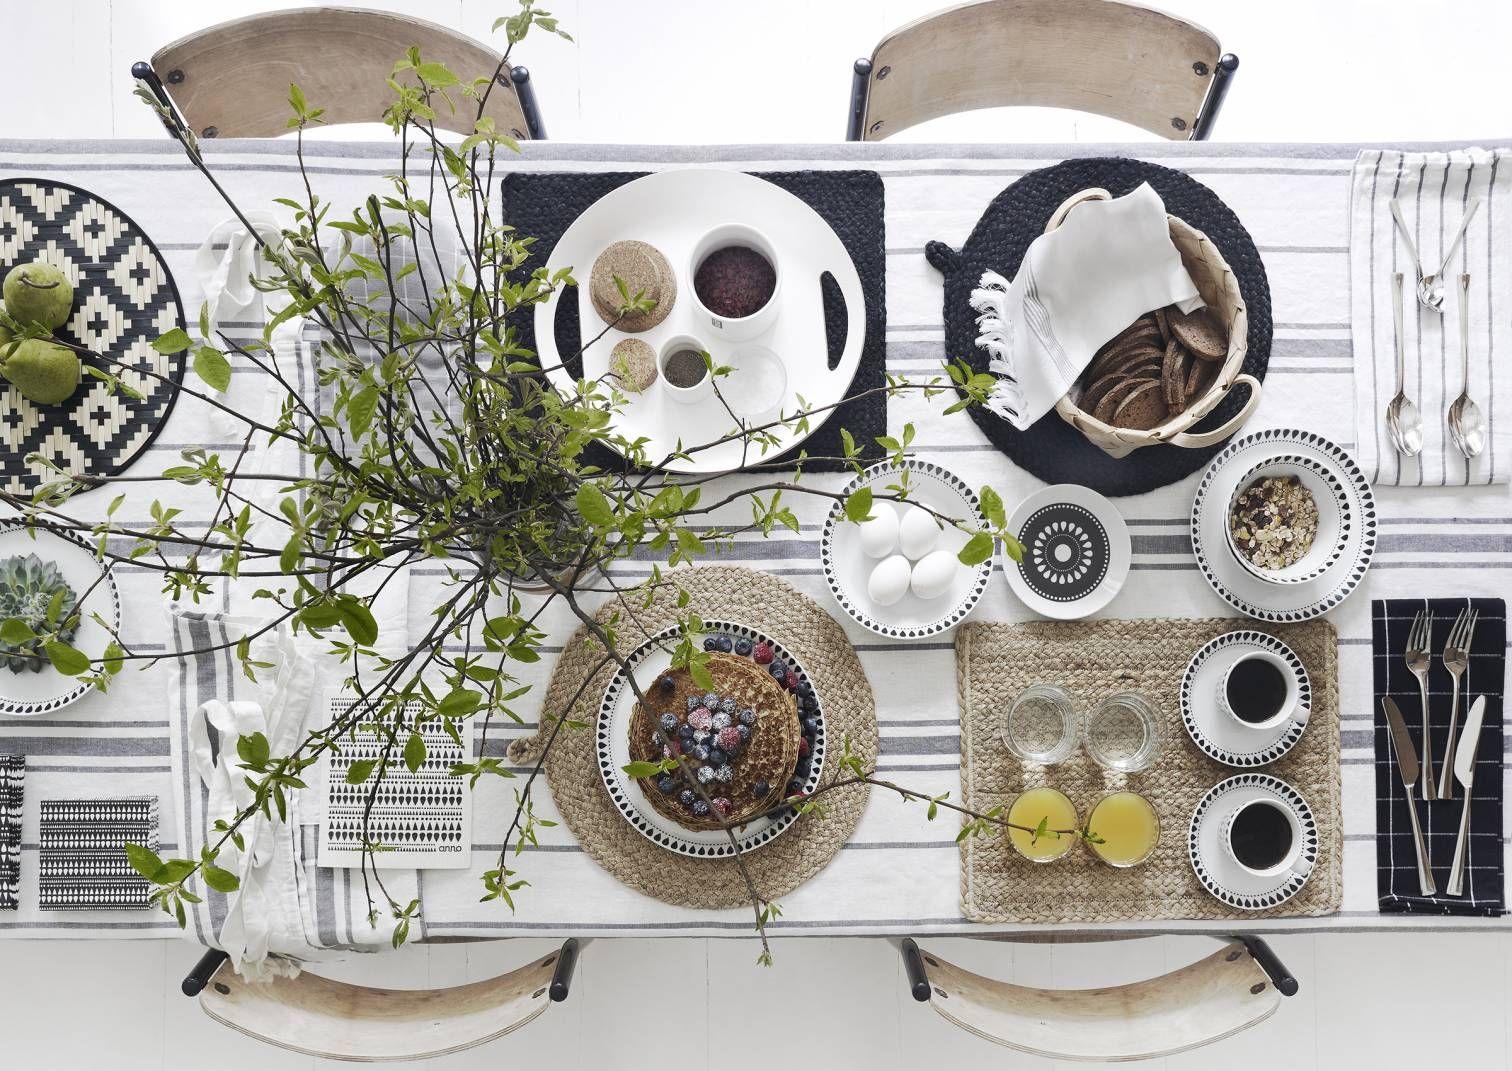 Kesäpöytä katetaan eriparisilla astioilla ja tekstiileillä, joissa on yhtenäinen väritys. Katso Avotakan ideat kesäkattauksiin.